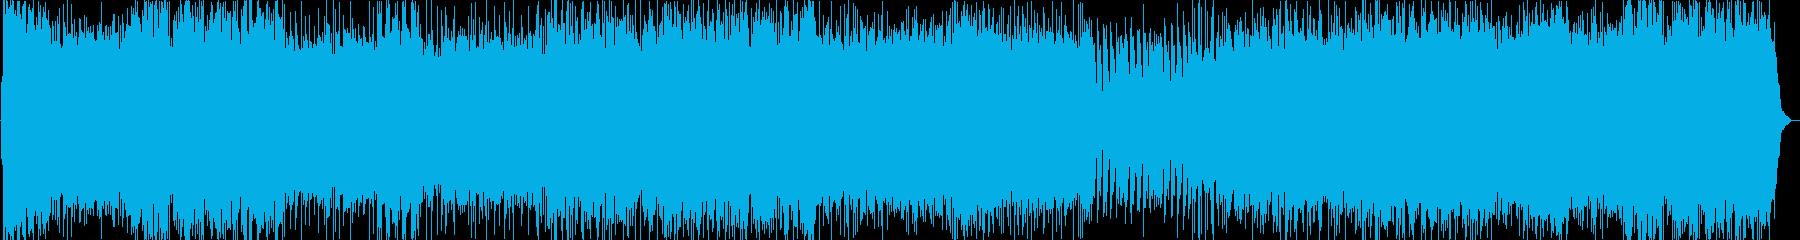 デスボイスと攻撃的な疾走感のあるメタルの再生済みの波形